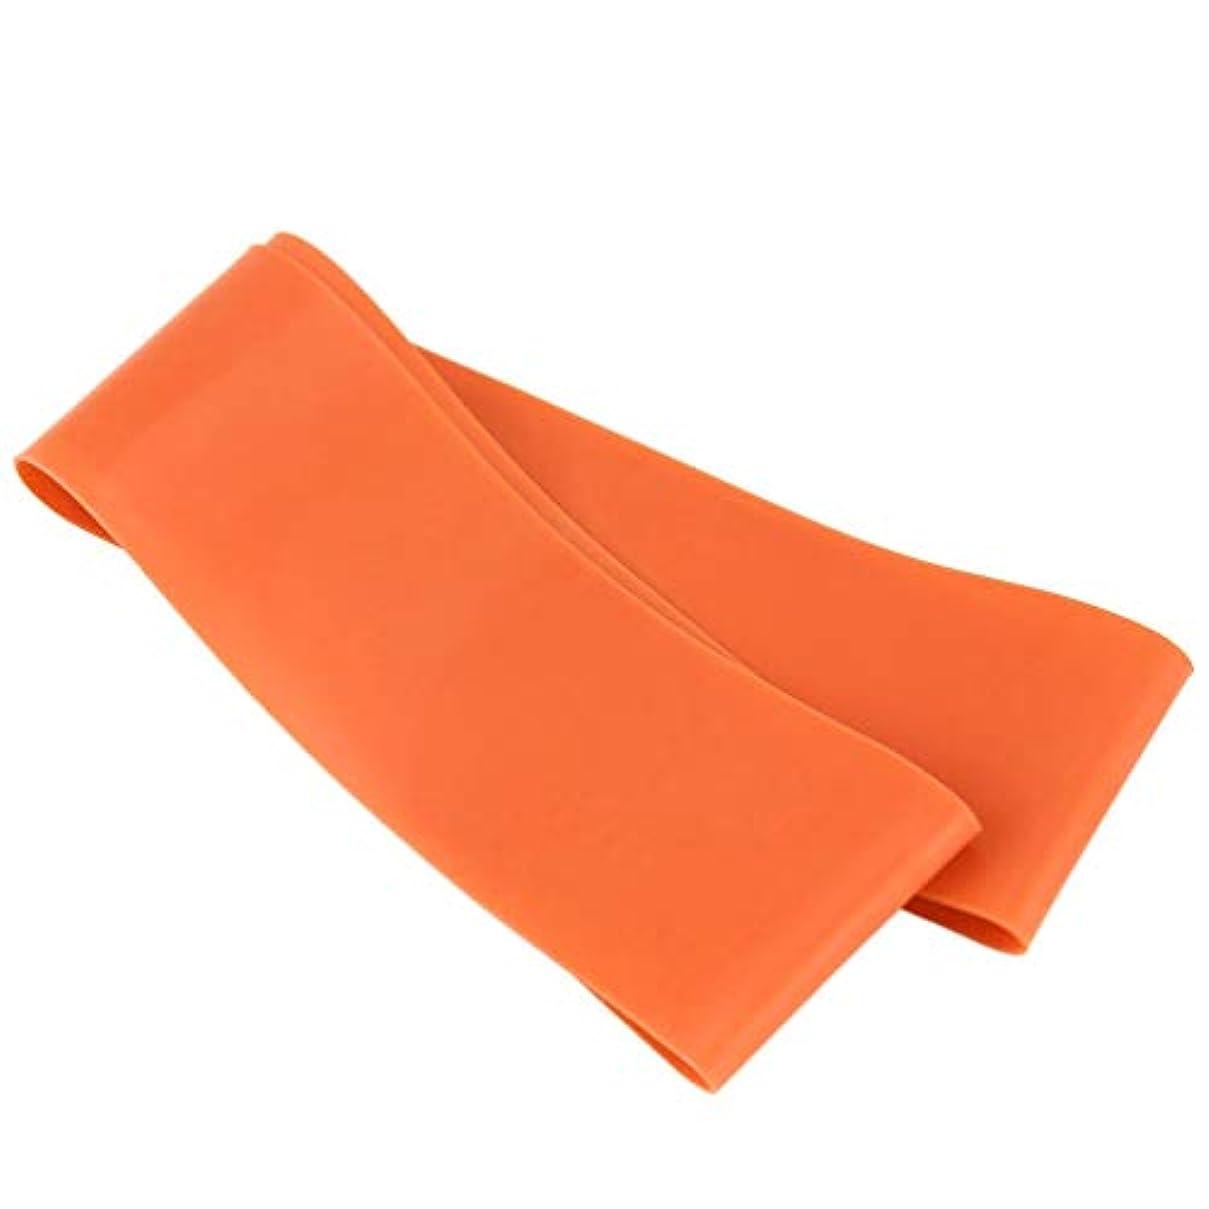 滑り止めの伸縮性のあるゴム製伸縮性がある伸縮性があるヨガベルトバンド引きロープの張力抵抗バンドループ強度のためのフィットネスヨガツール - オレンジ